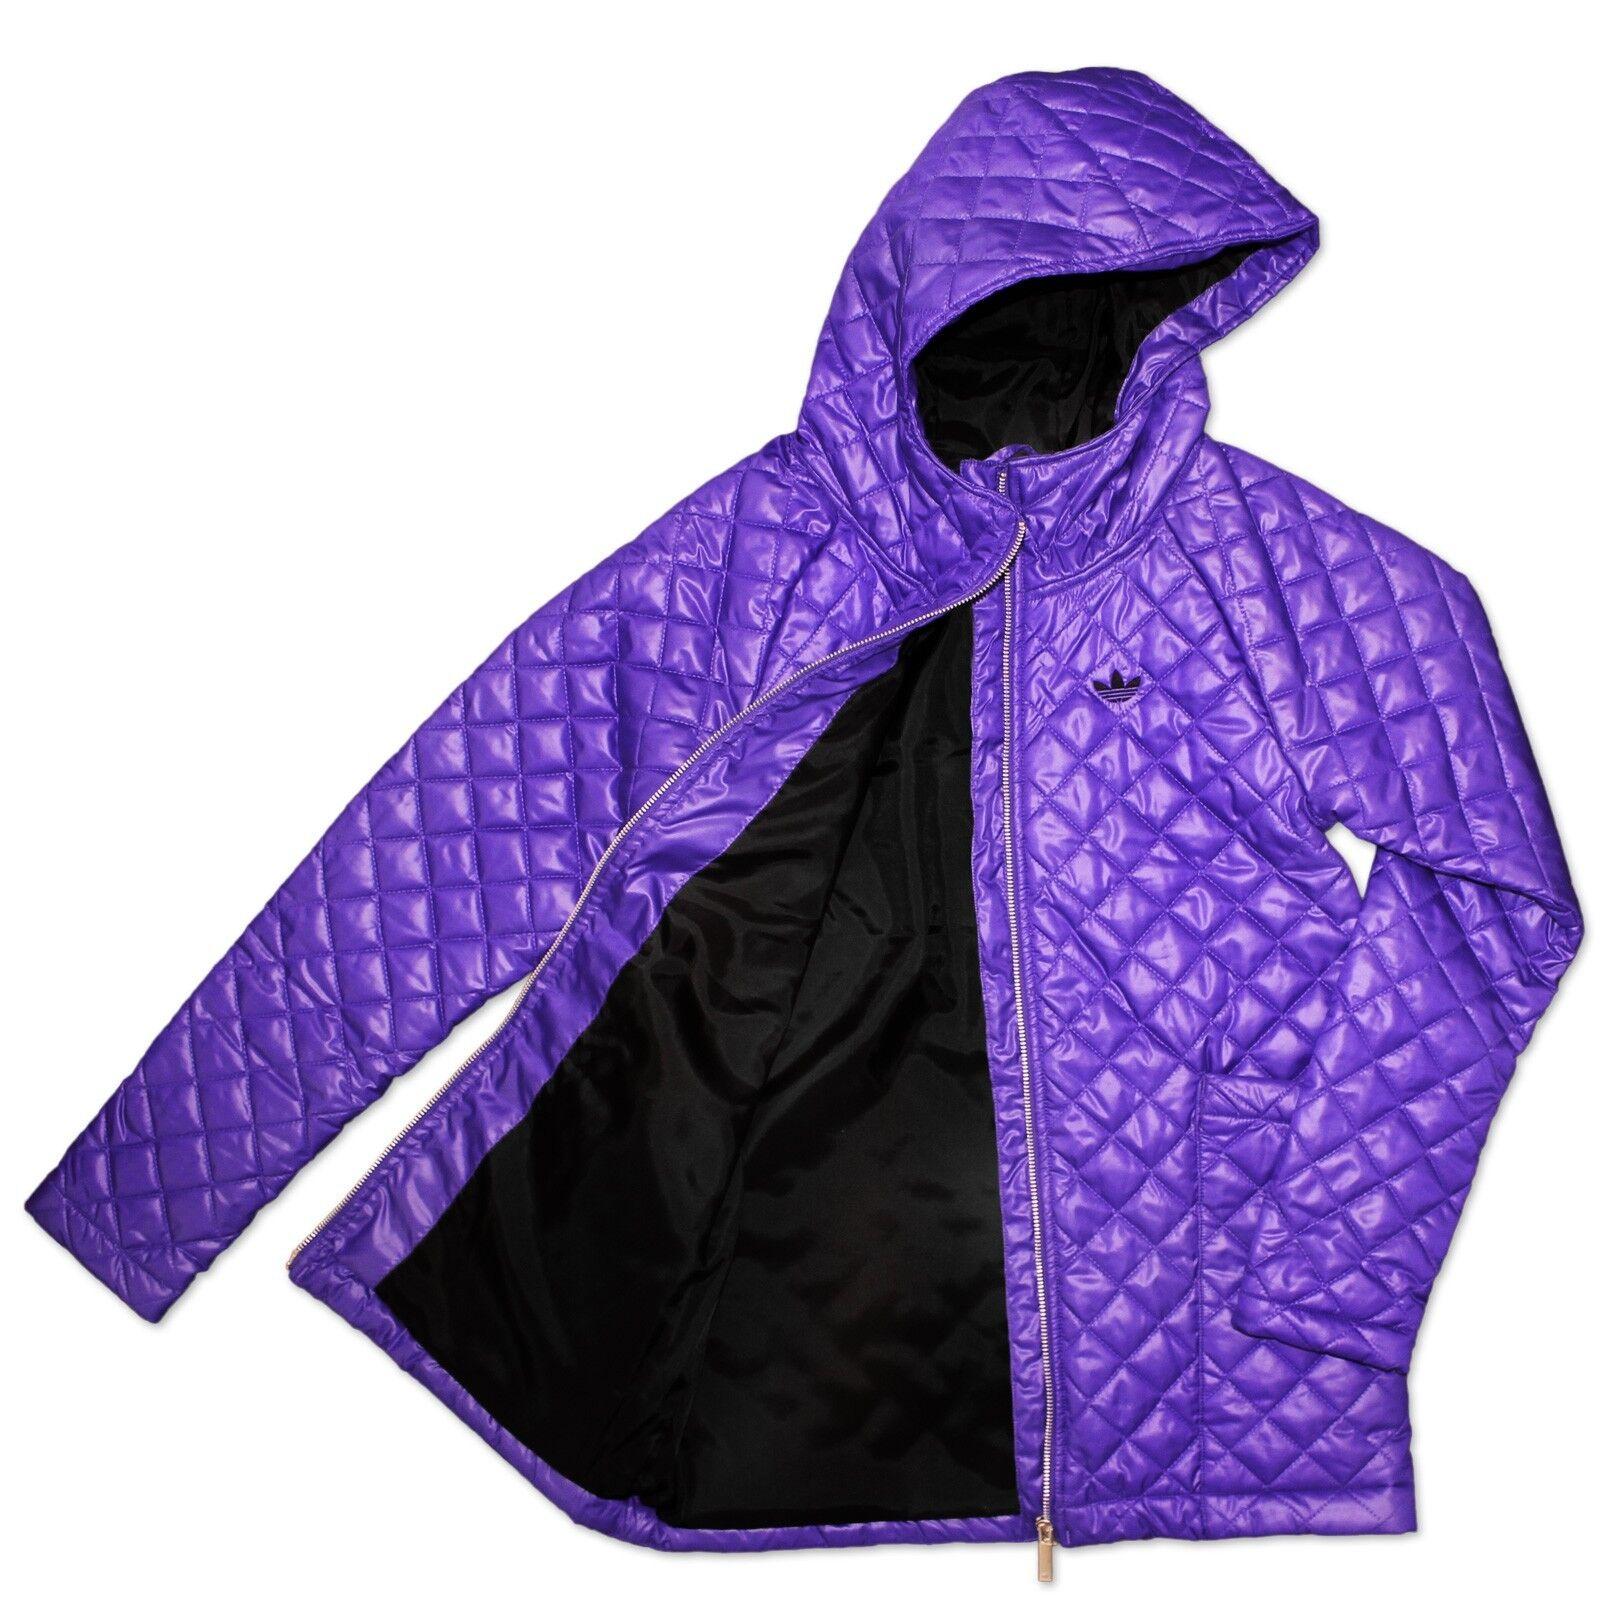 Adidas Originals Long Veste Parkaschnitt Matelassée capuche Pourpre Violet 40